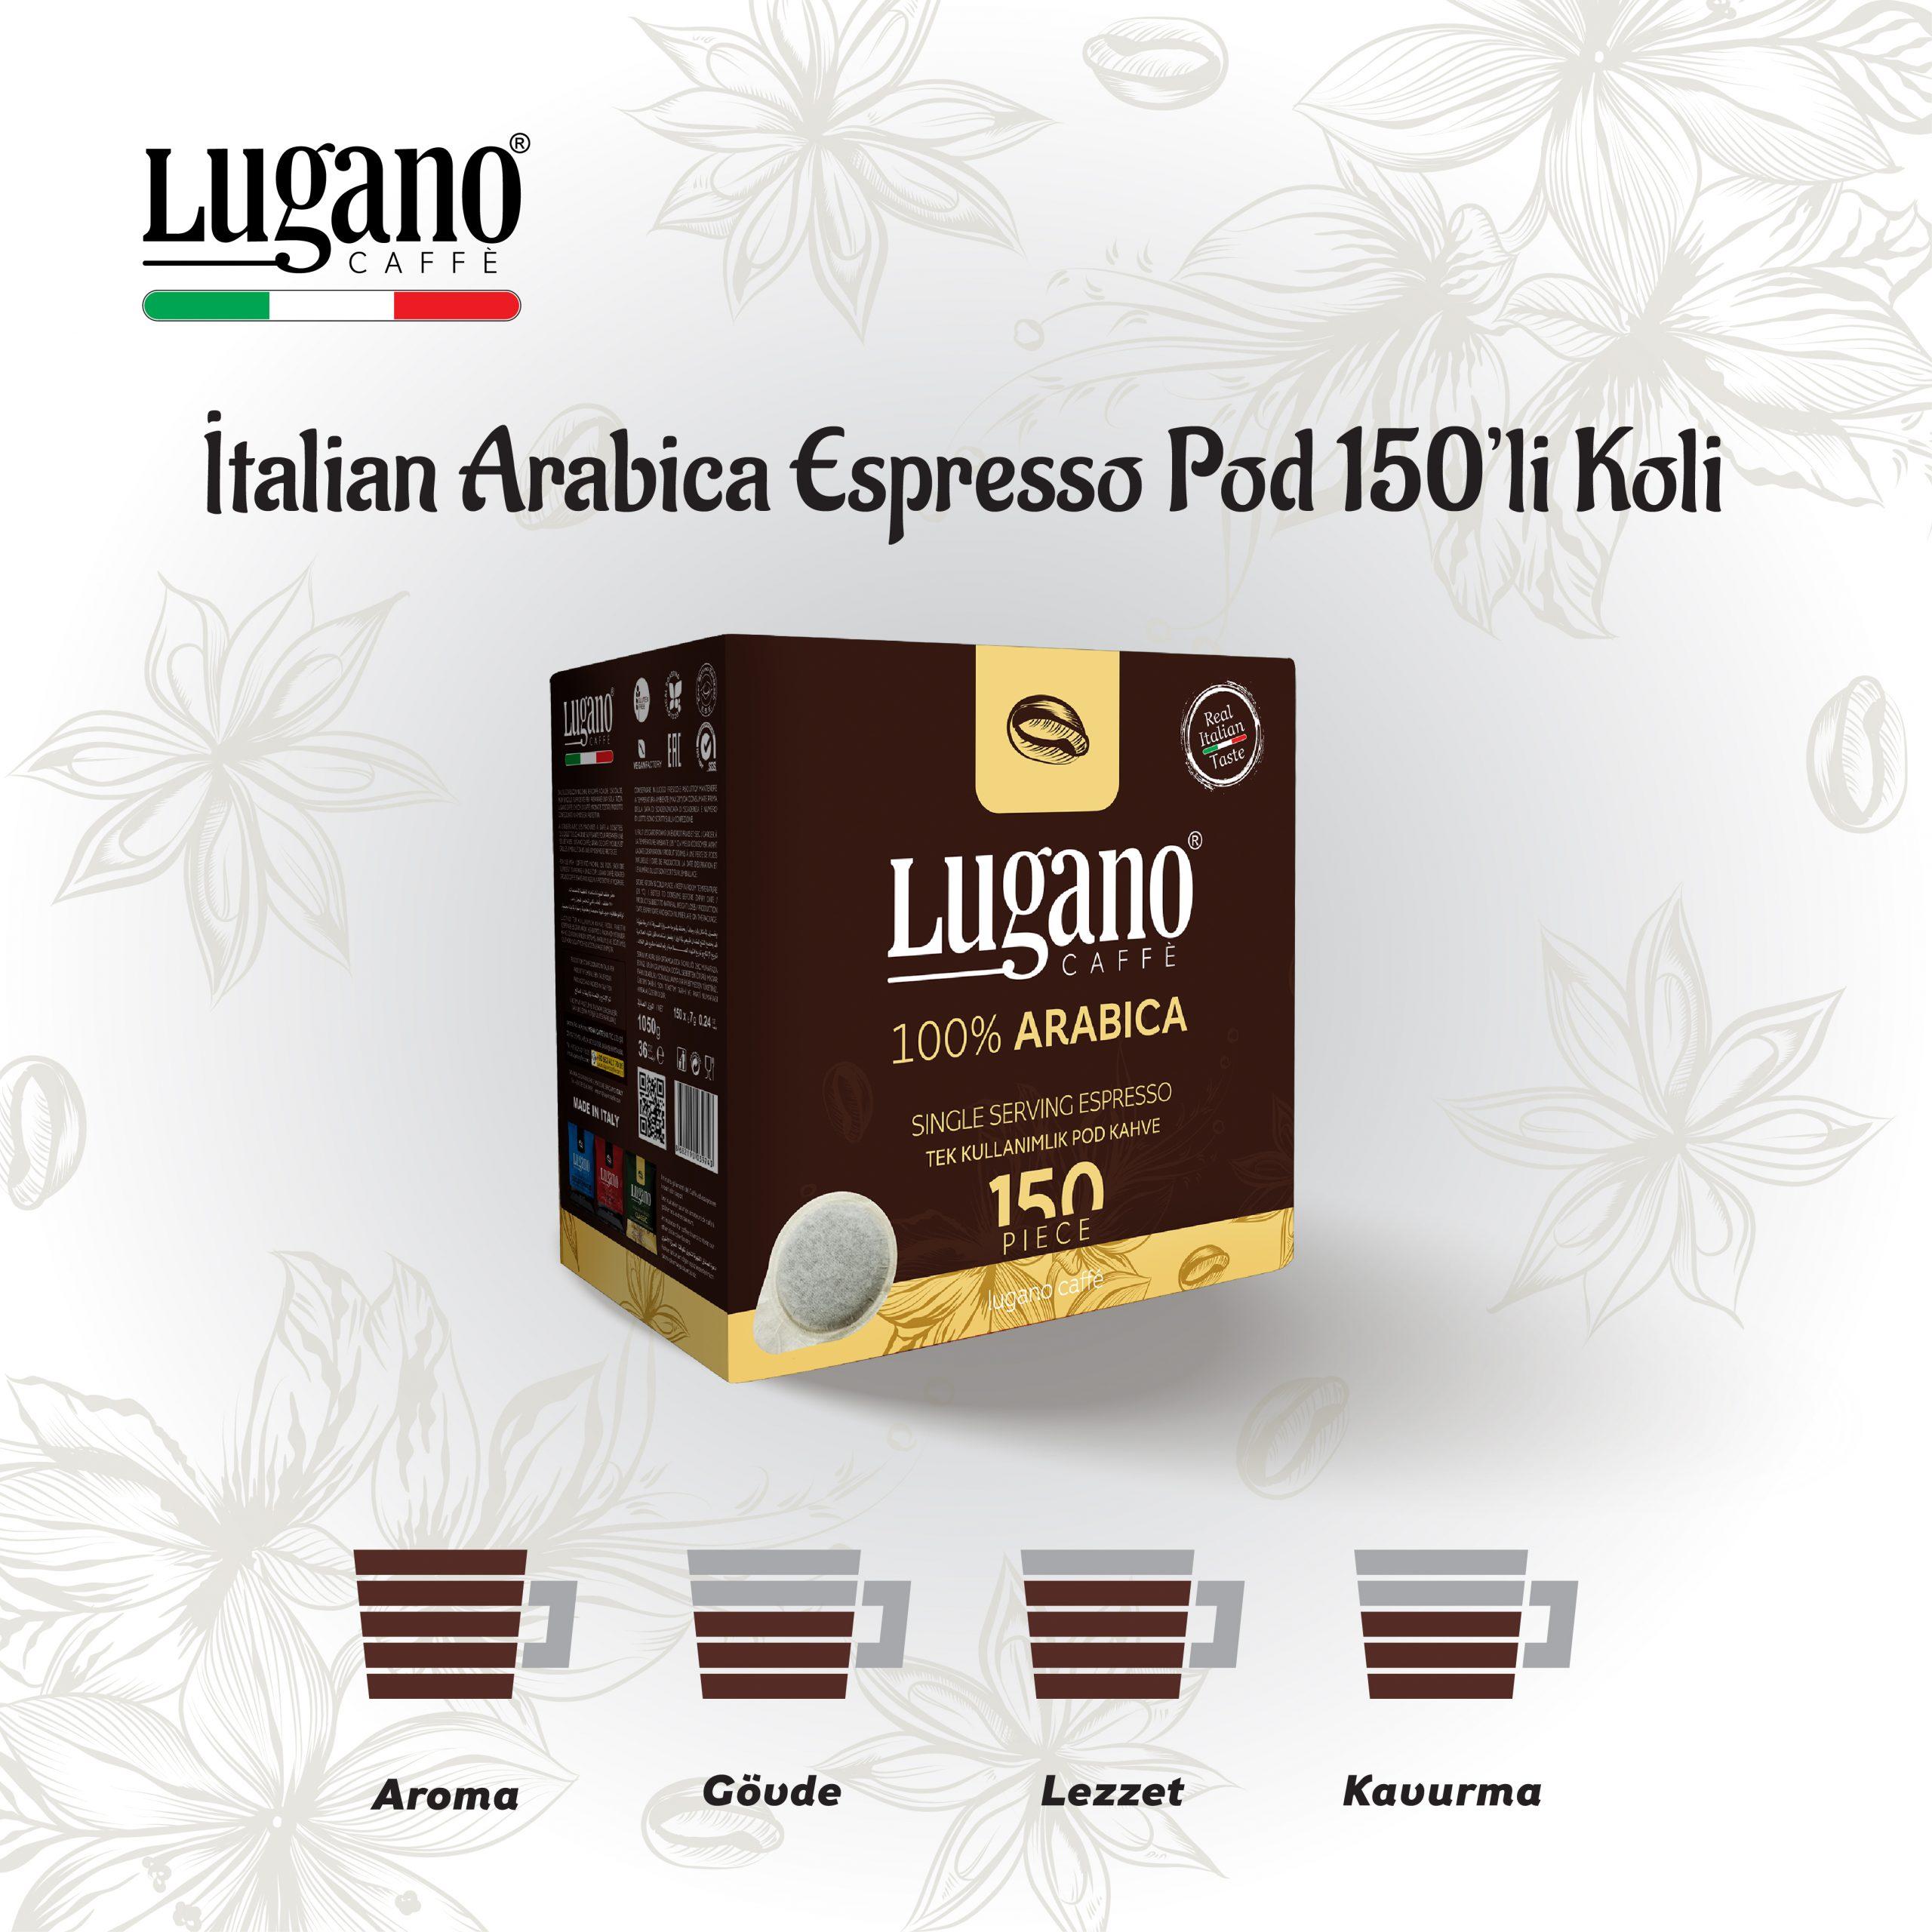 Lugano Arabica Espresso Pod 150'li Koli